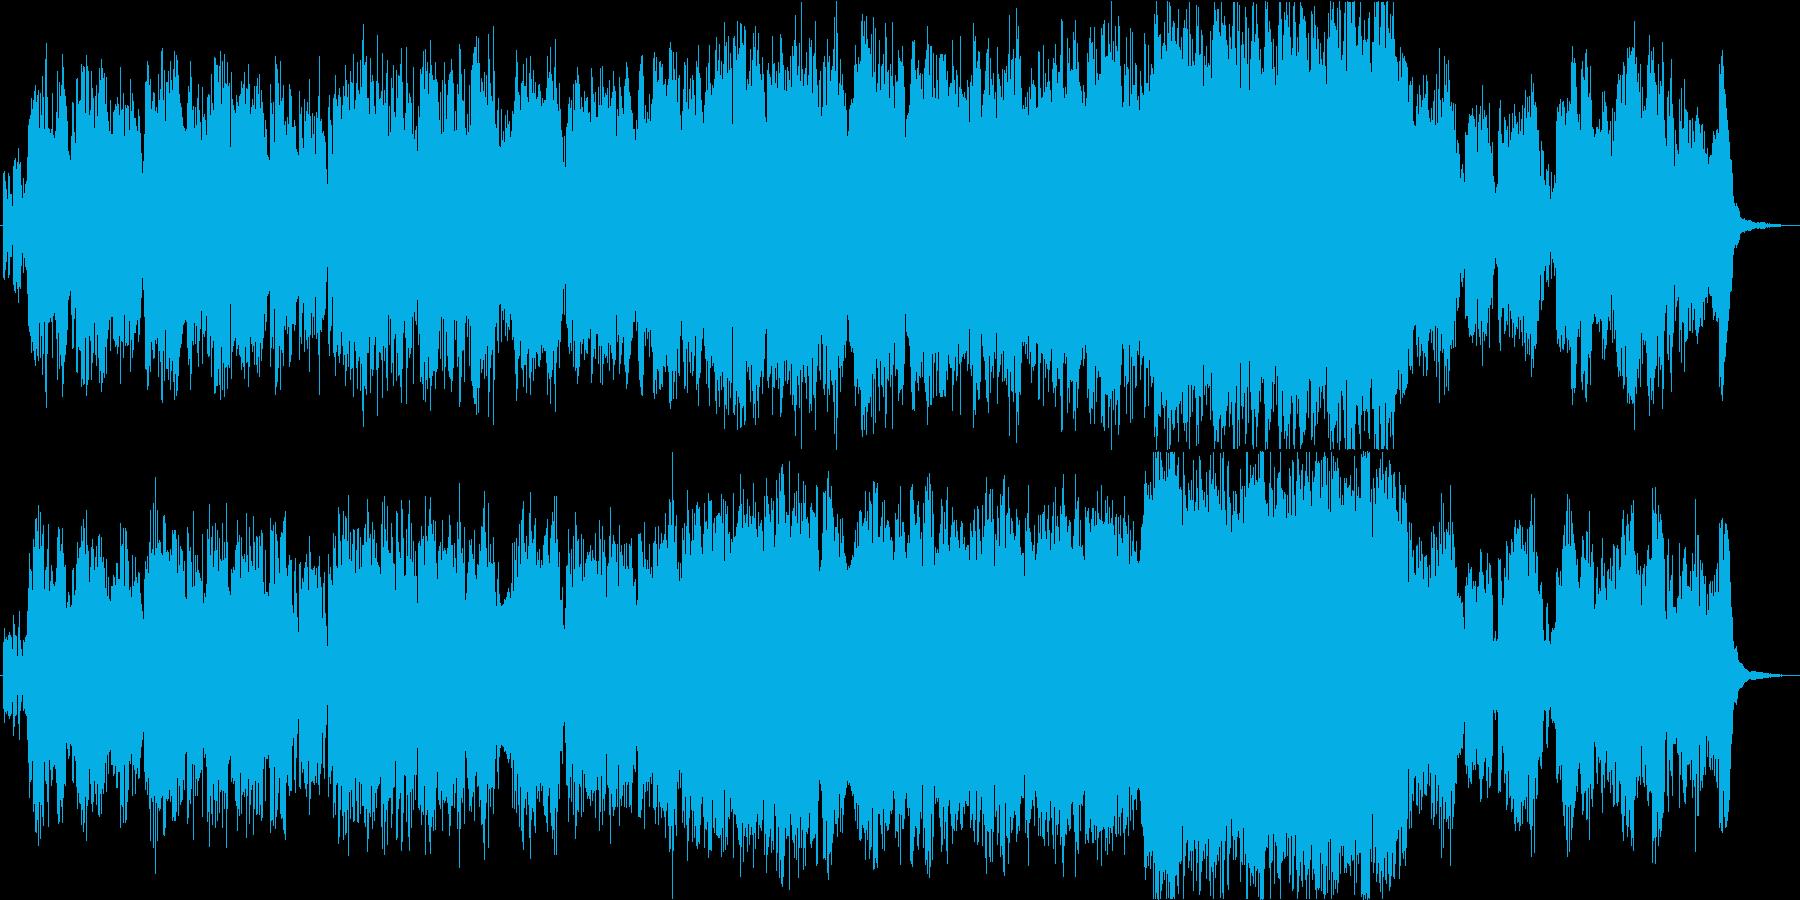 フルート生演奏による別れのテーマの再生済みの波形